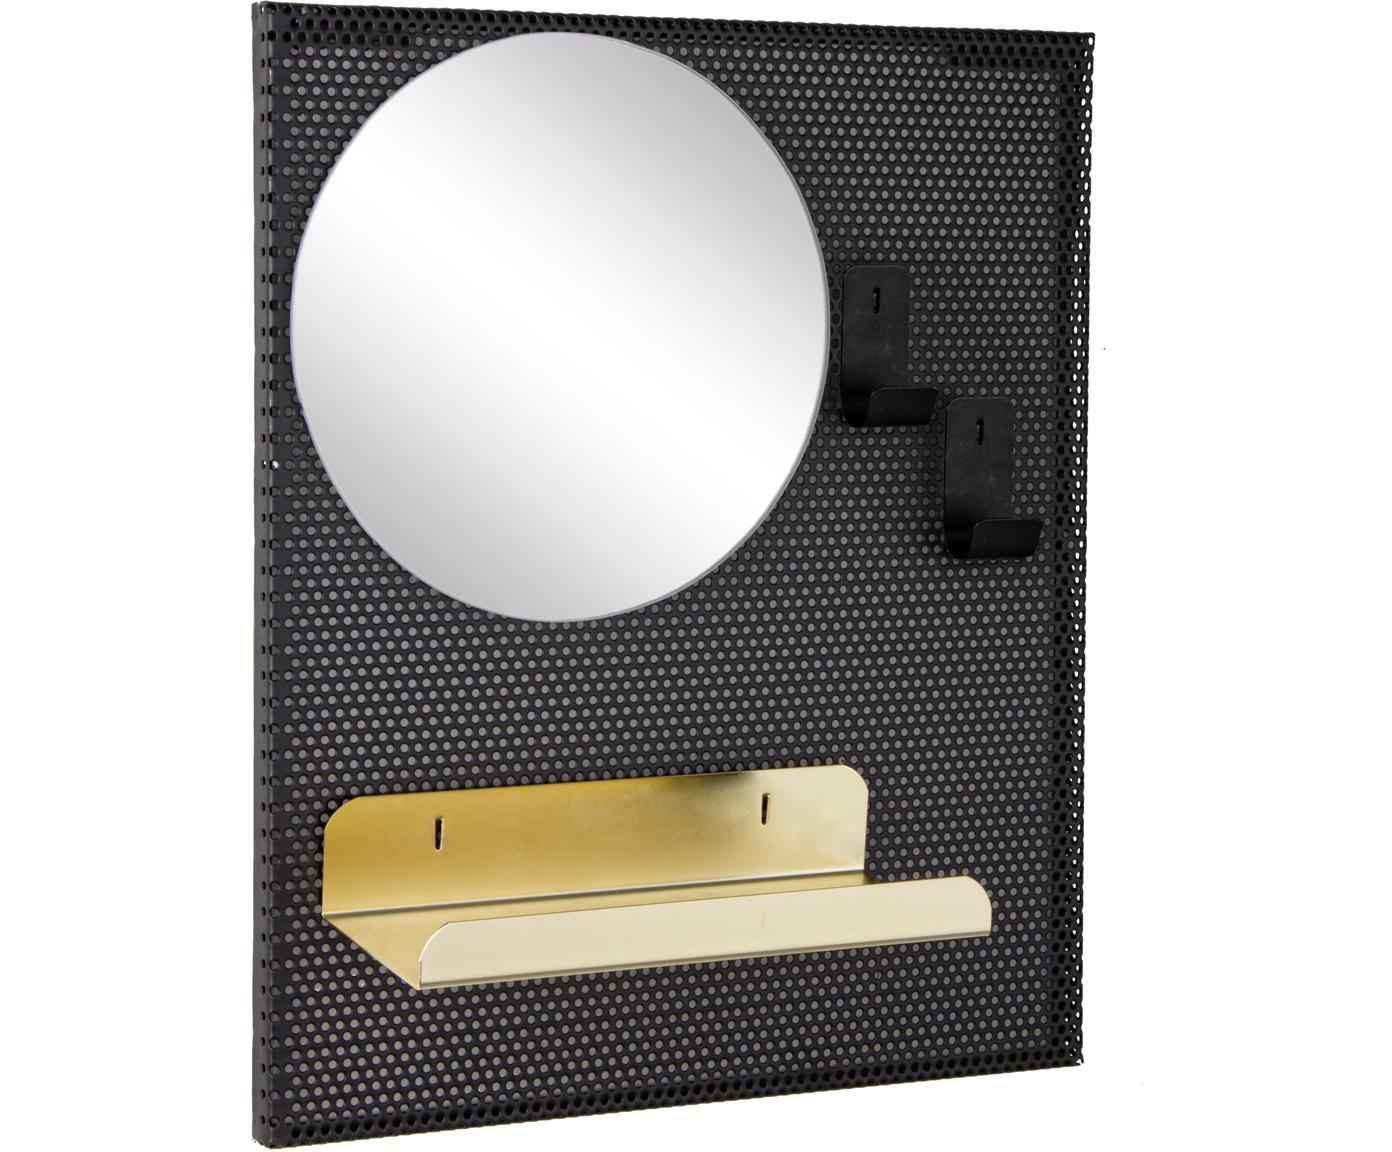 Wandspiegel Metric mit Metallrahmen und Ablagefläche, Spiegelfläche: Spiegelglas, Schwarz, Goldfarben, 31 x 37 cm